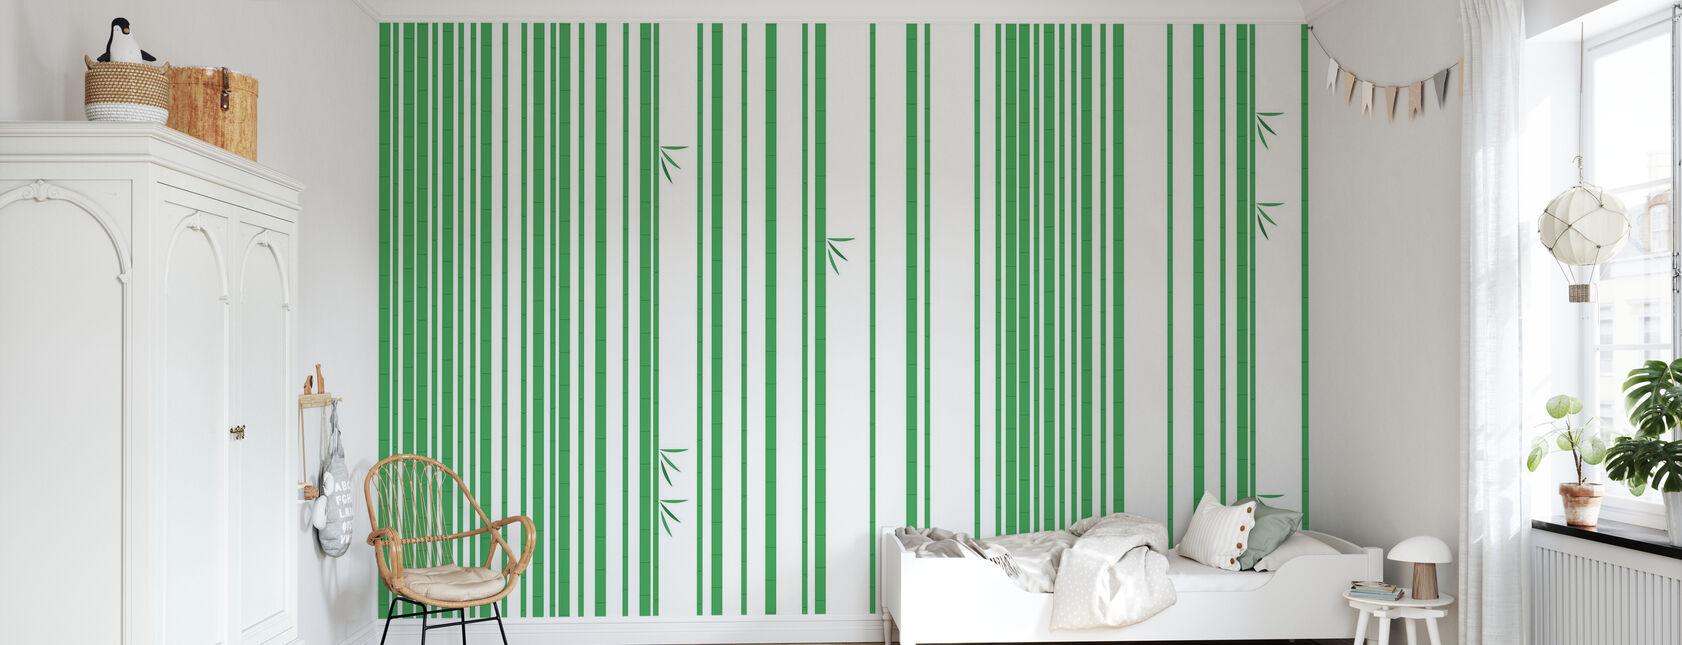 Bambu Metsä Vihreä - Tapetti - Lastenhuone